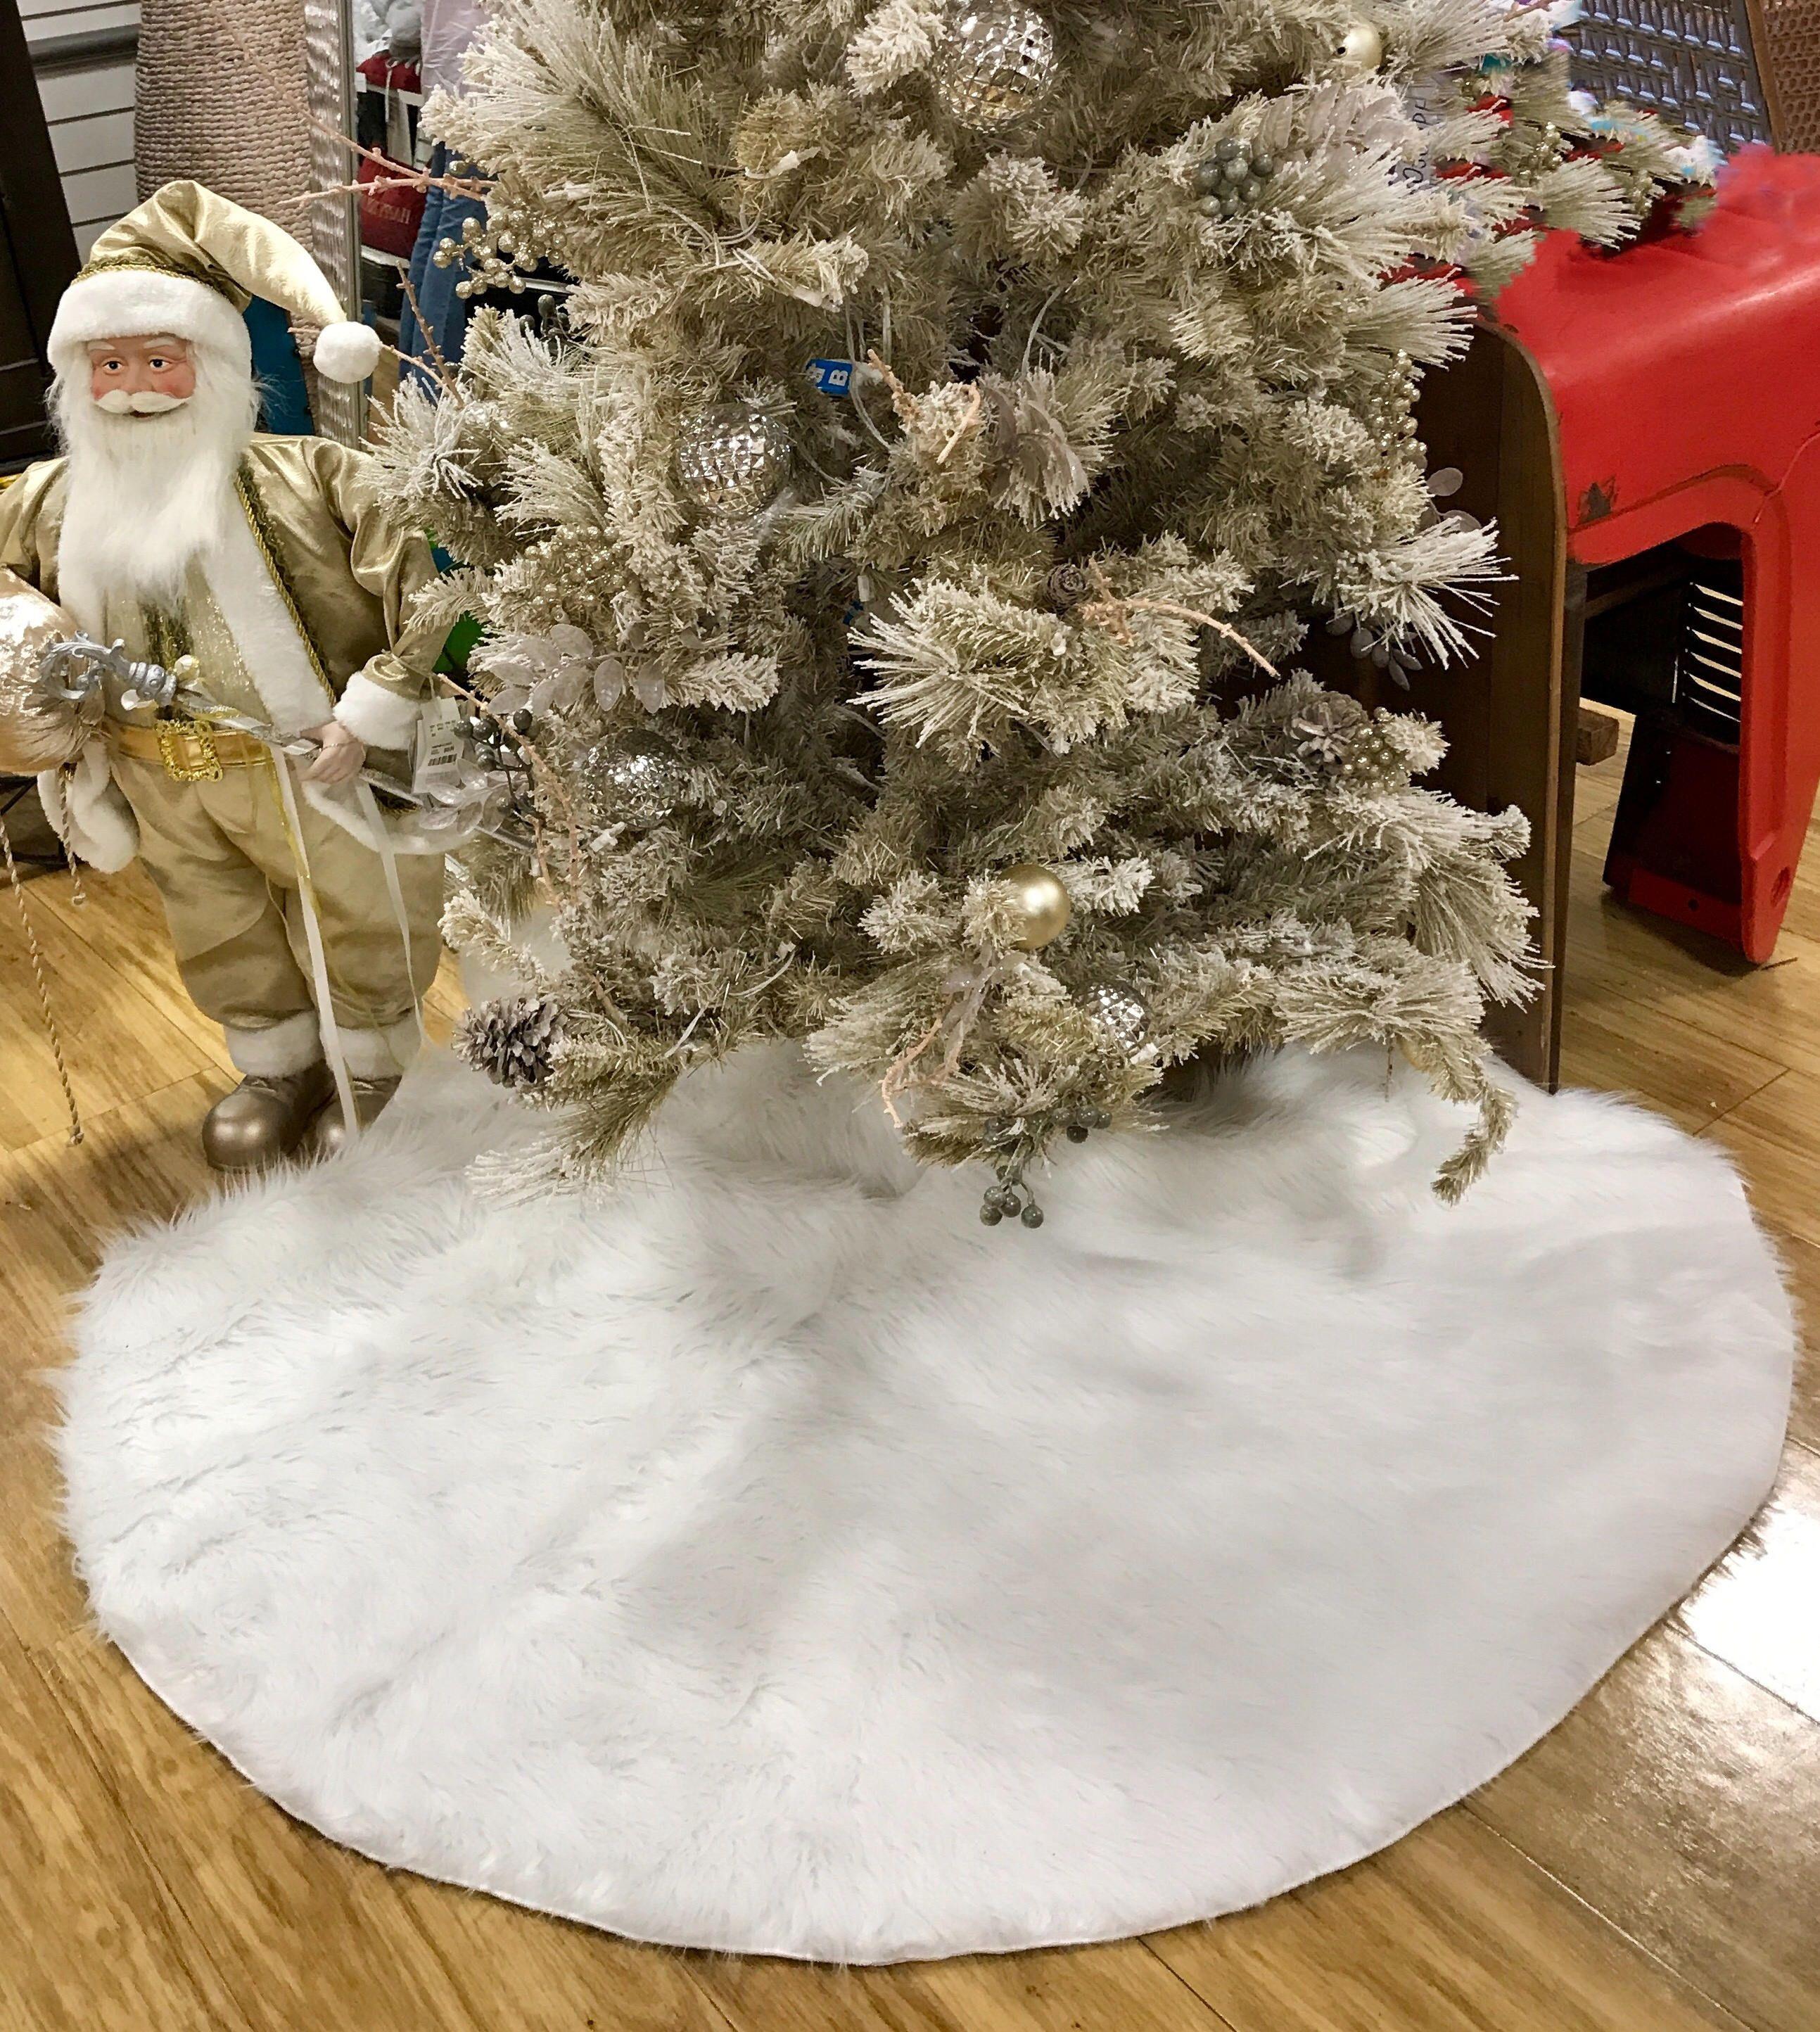 White Tree Skirt Christmas Tree Skirt White Faux Fur Tree Skirt Fur Tree Skirt White Christmas Tree Skirt Christmas Decor Home Decor With Images White Christmas Tree Skirt White Tree Skirt